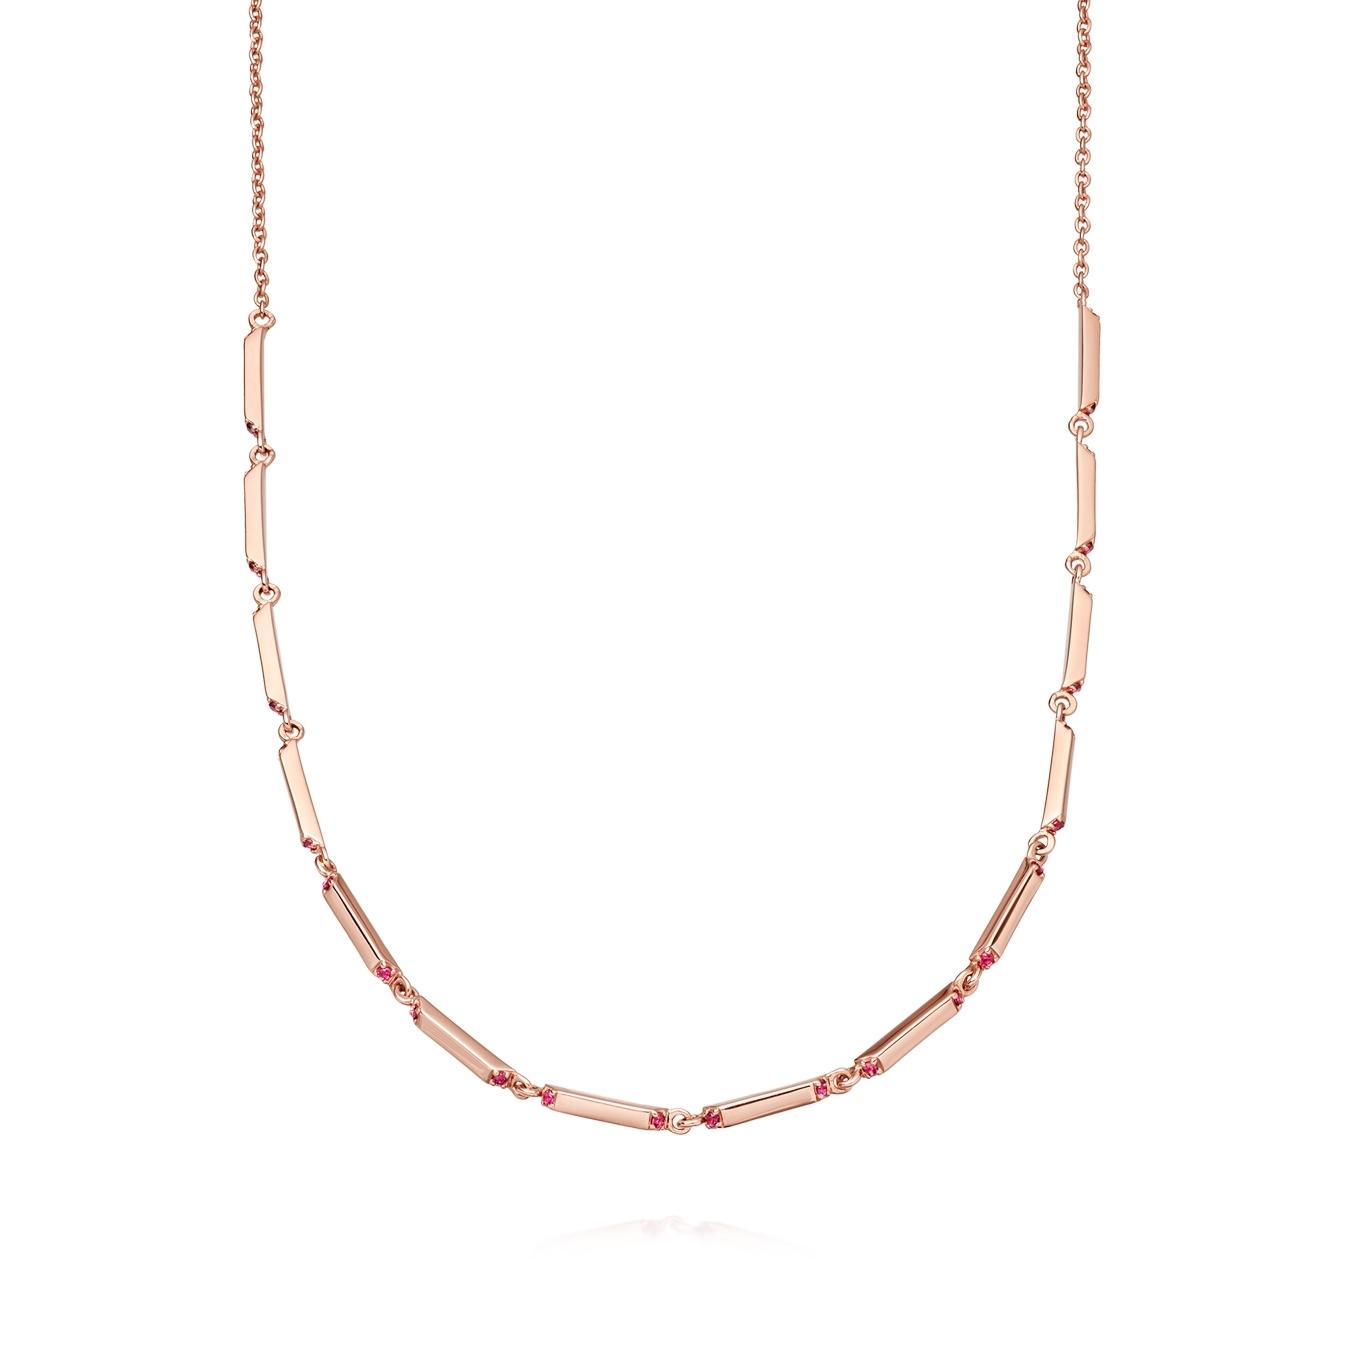 Aubar Ruby Necklace